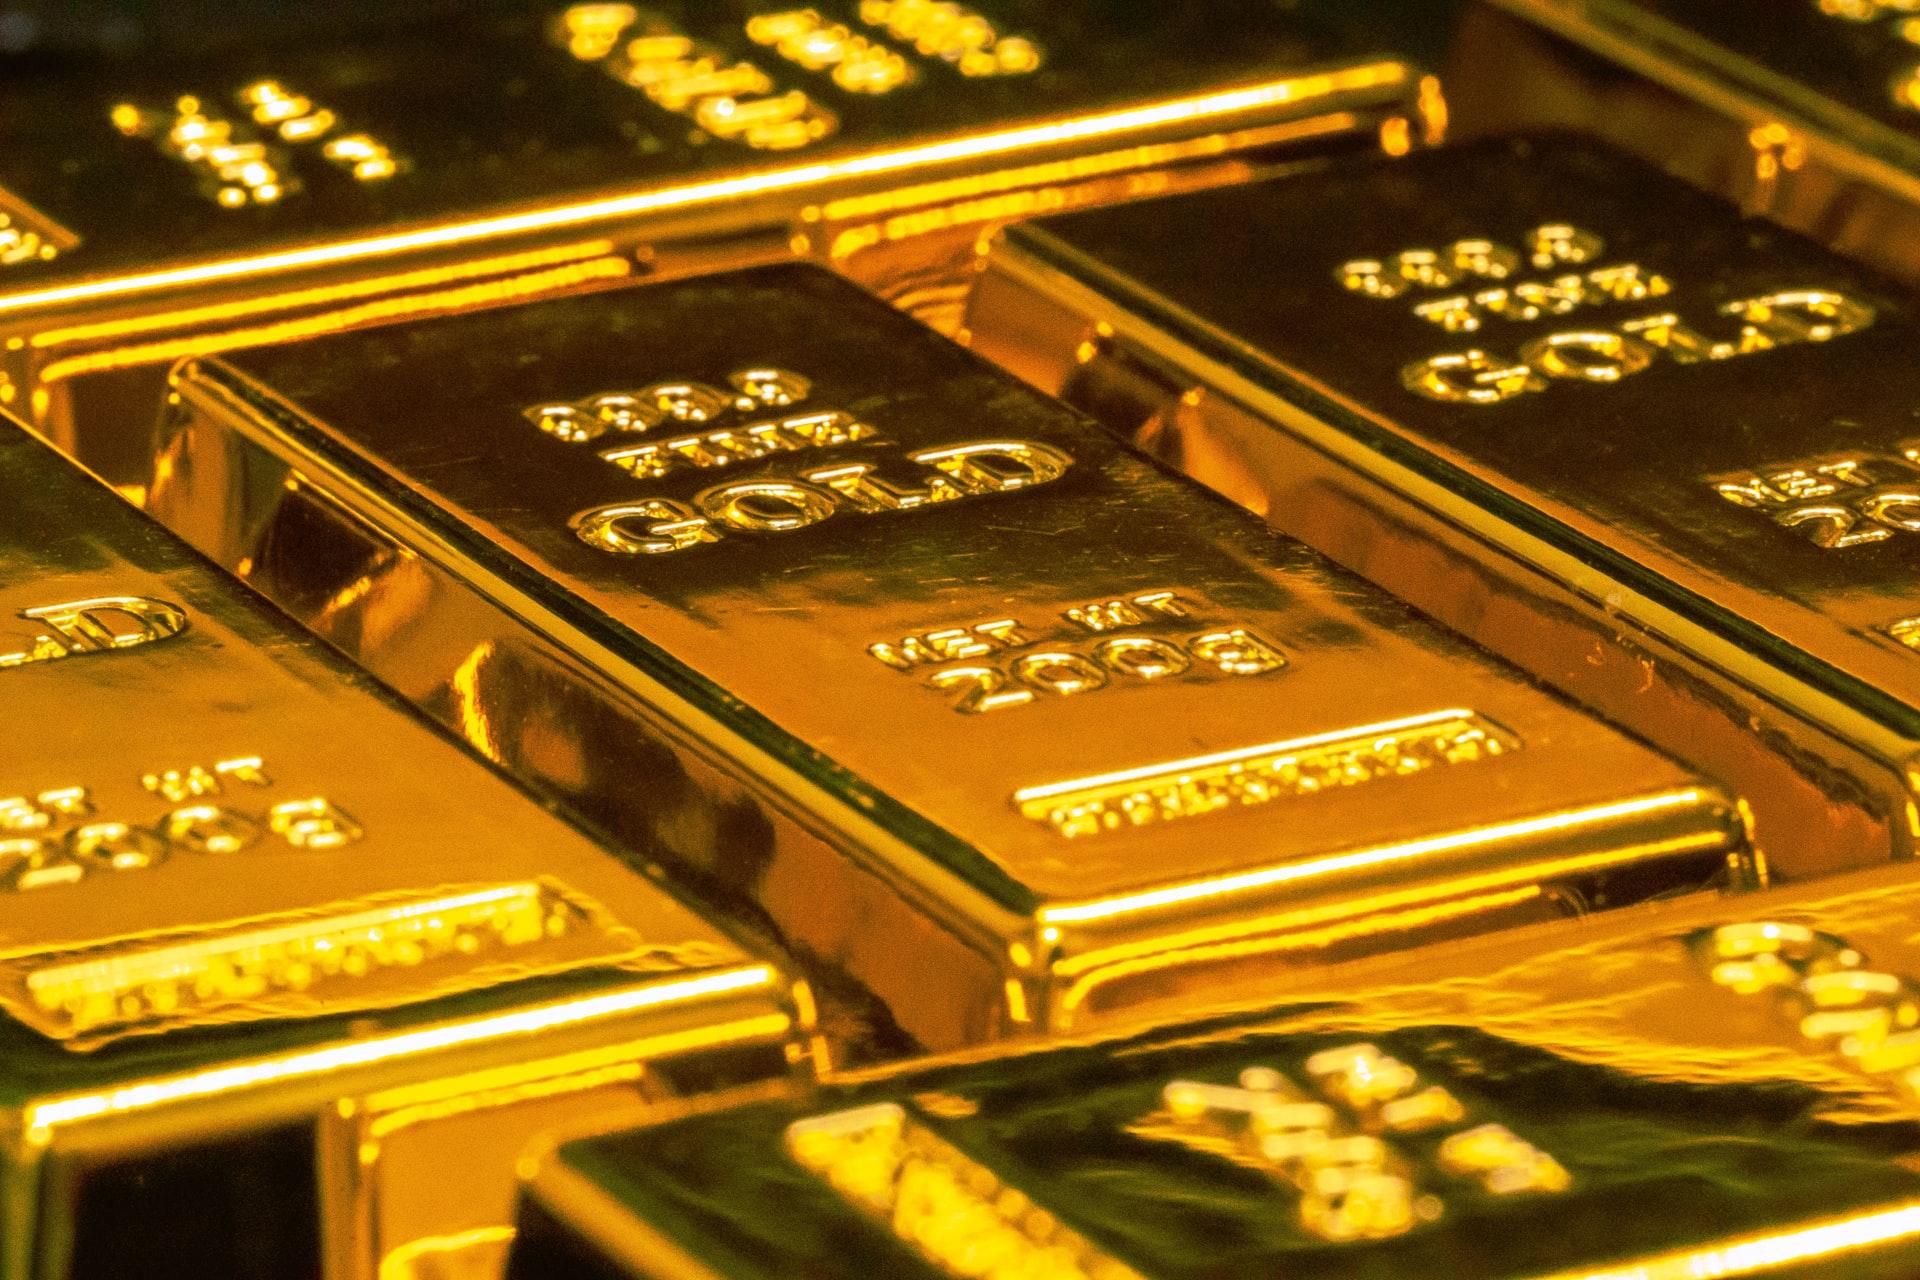 Hoe kun je goud verkopen?